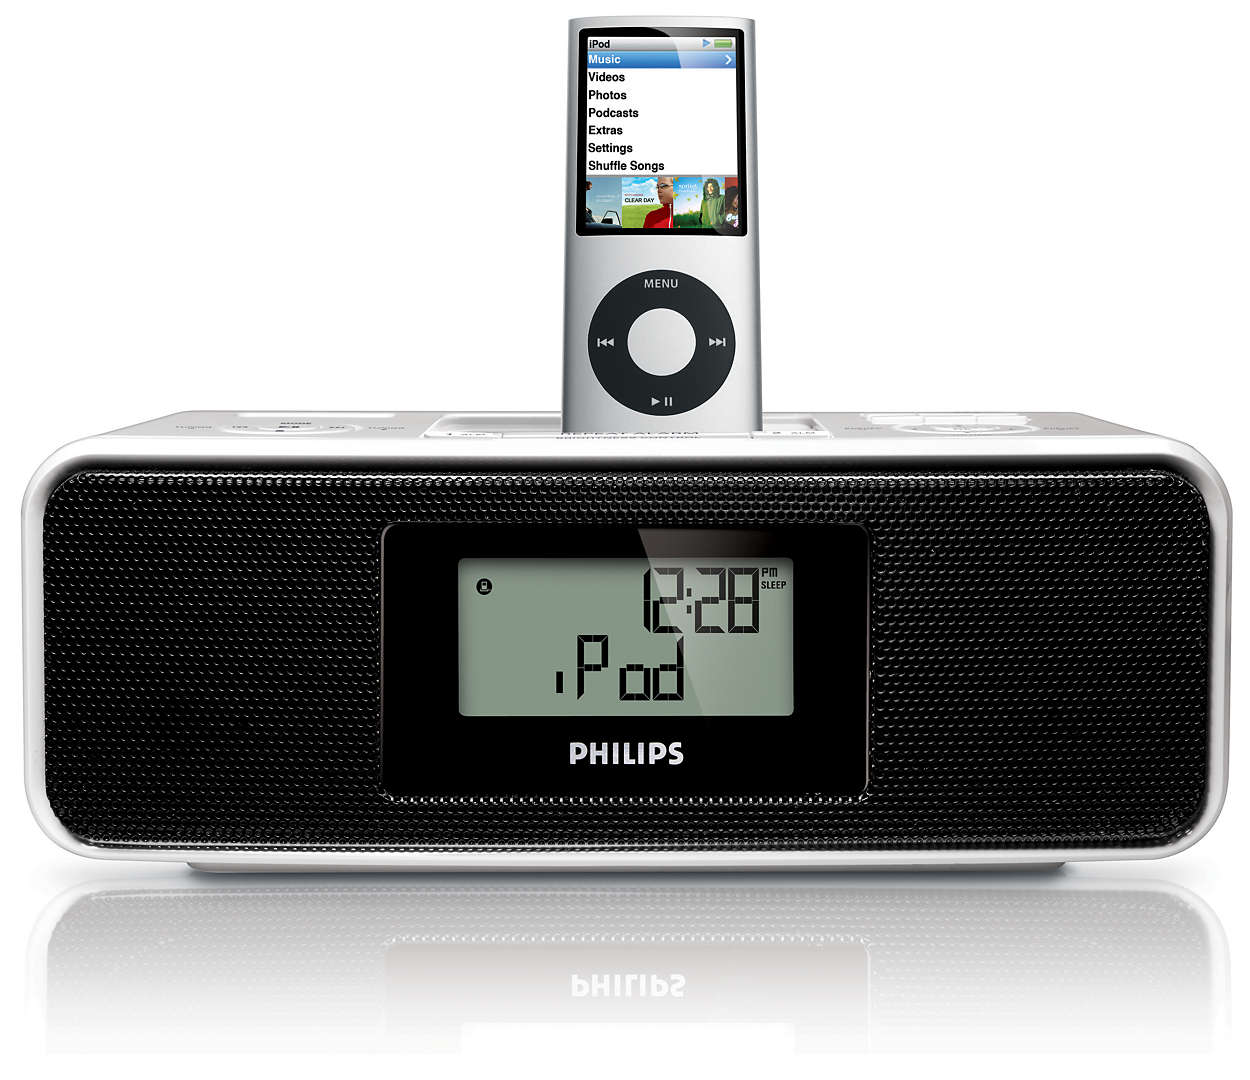 Събуждайте се със своята музика от iPod